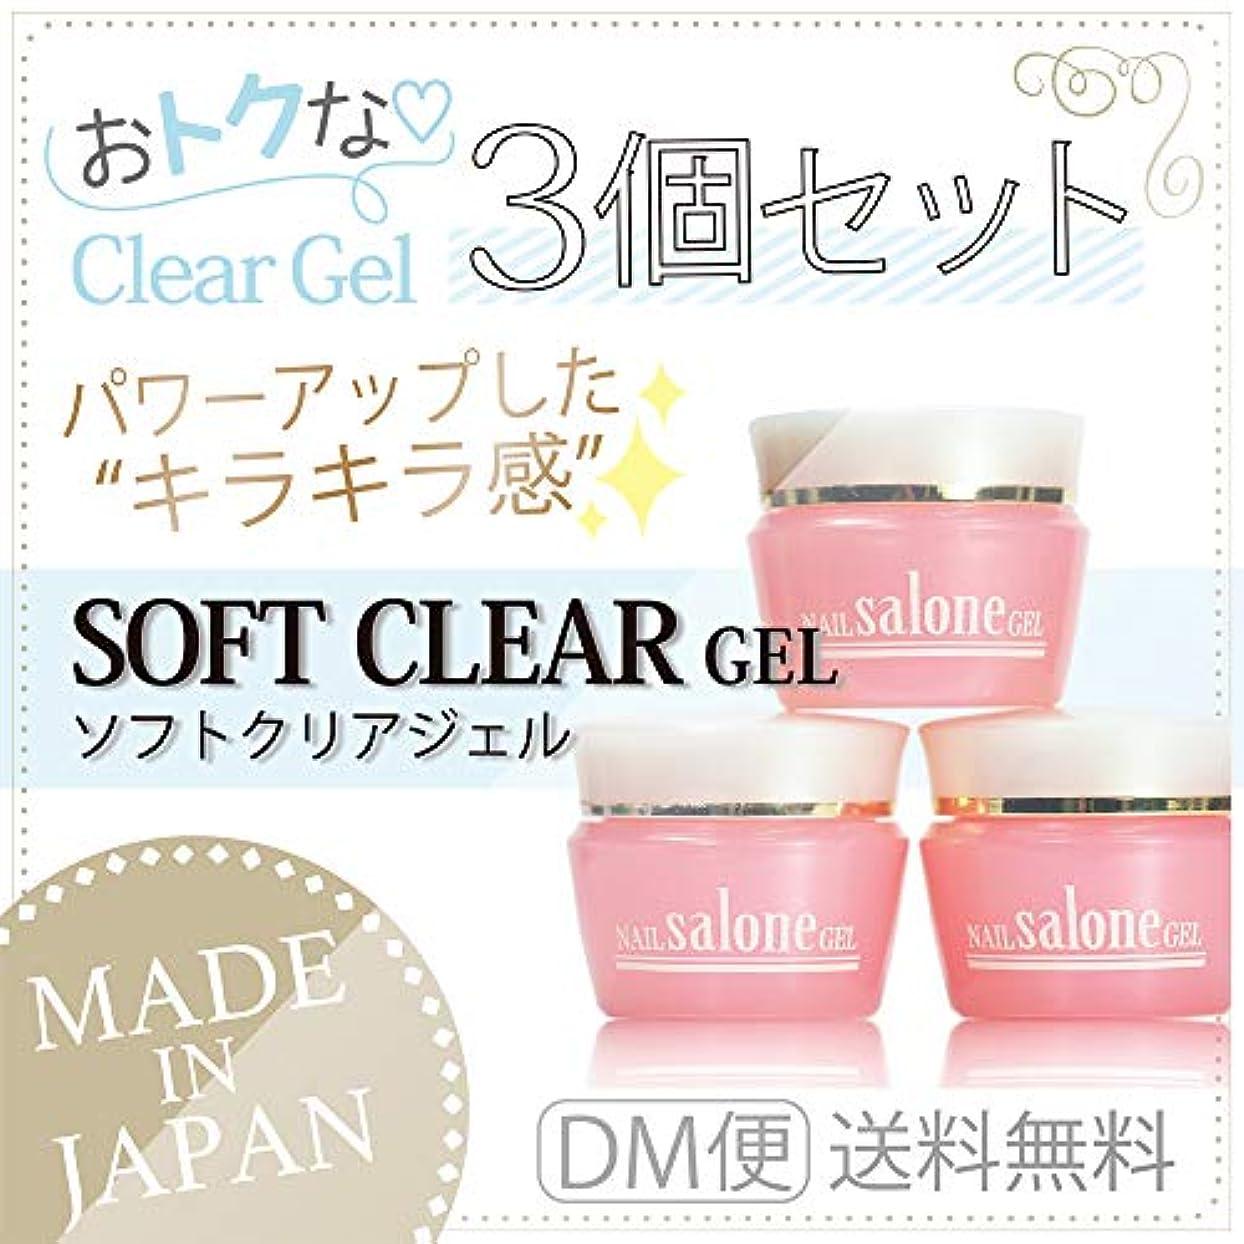 脈拍制裁設置Salone gel サローネ ソフトクリアージェル お得な3個セット ツヤツヤ キラキラ感持続 抜群のツヤ 爪に優しい日本製 3g